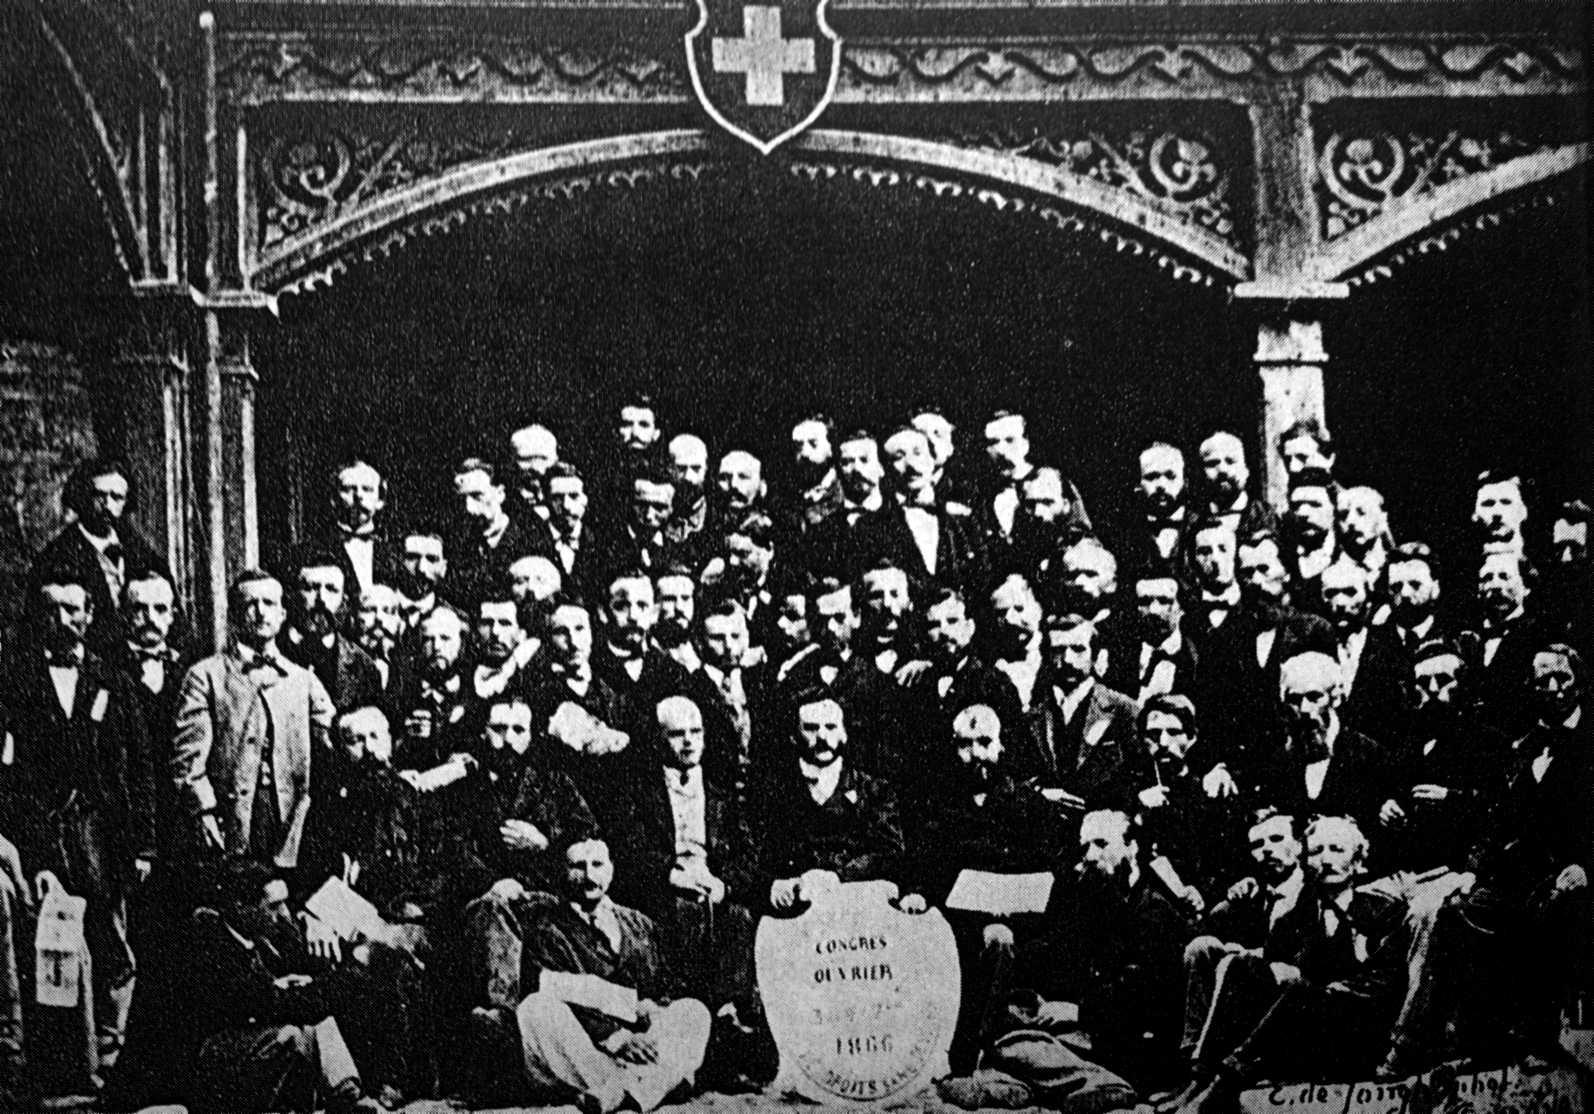 Delegats i observadors del I Congrés de l'AIT de Ginebra (1866) fotografiats per E. Jongh